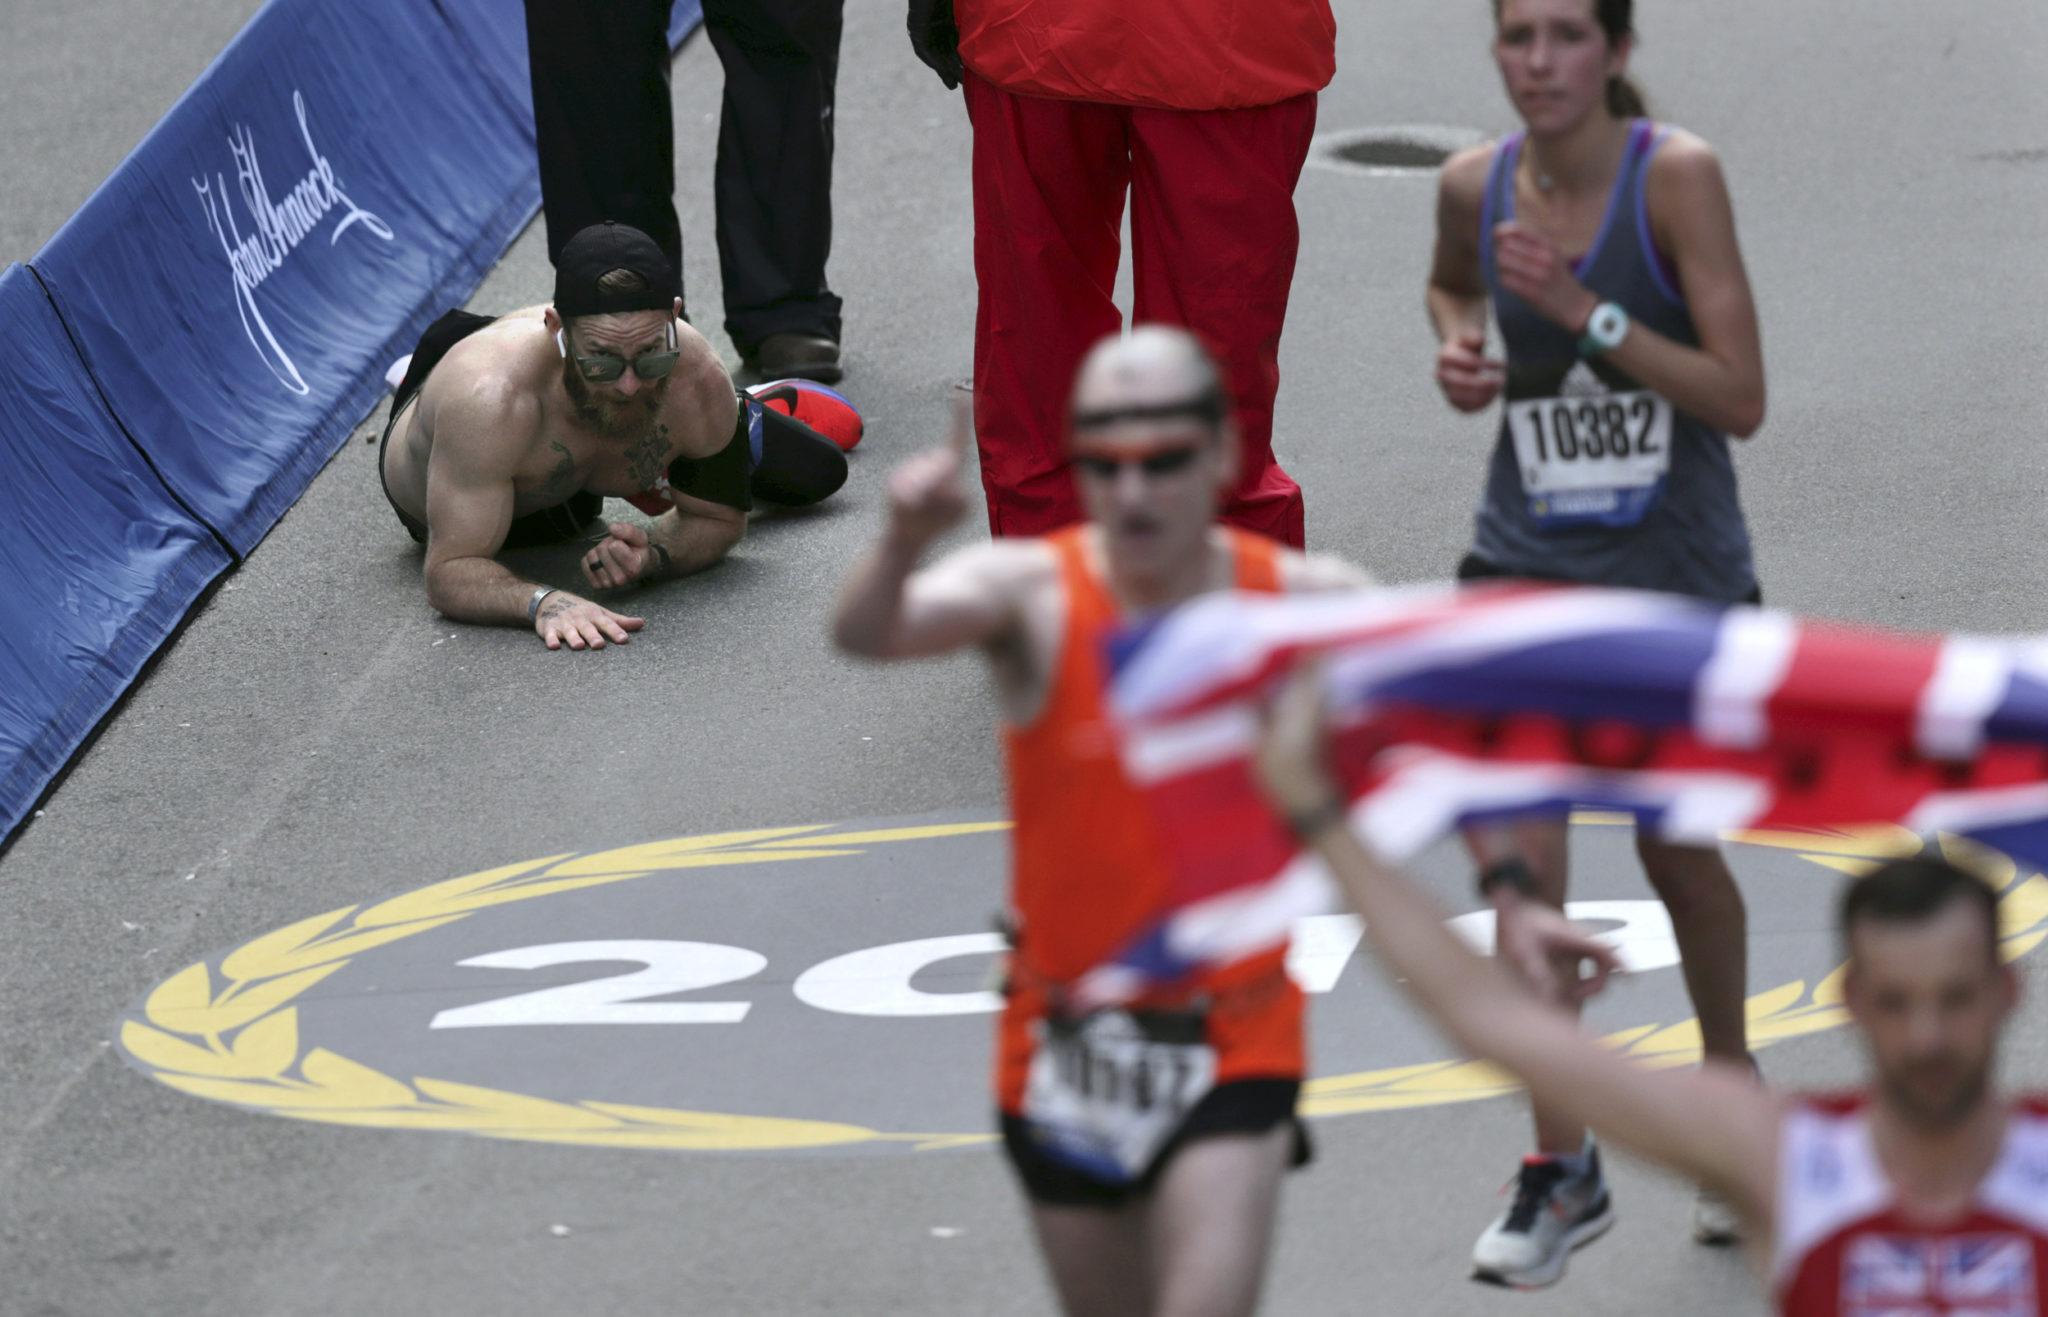 Marine running marathon for fallen friends crawls to finish